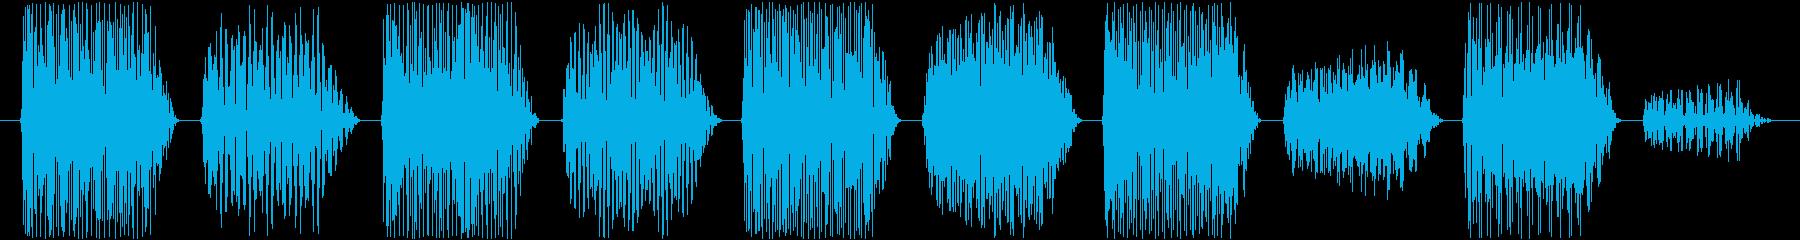 効果音。ポロリ音(ゲーム音)の再生済みの波形